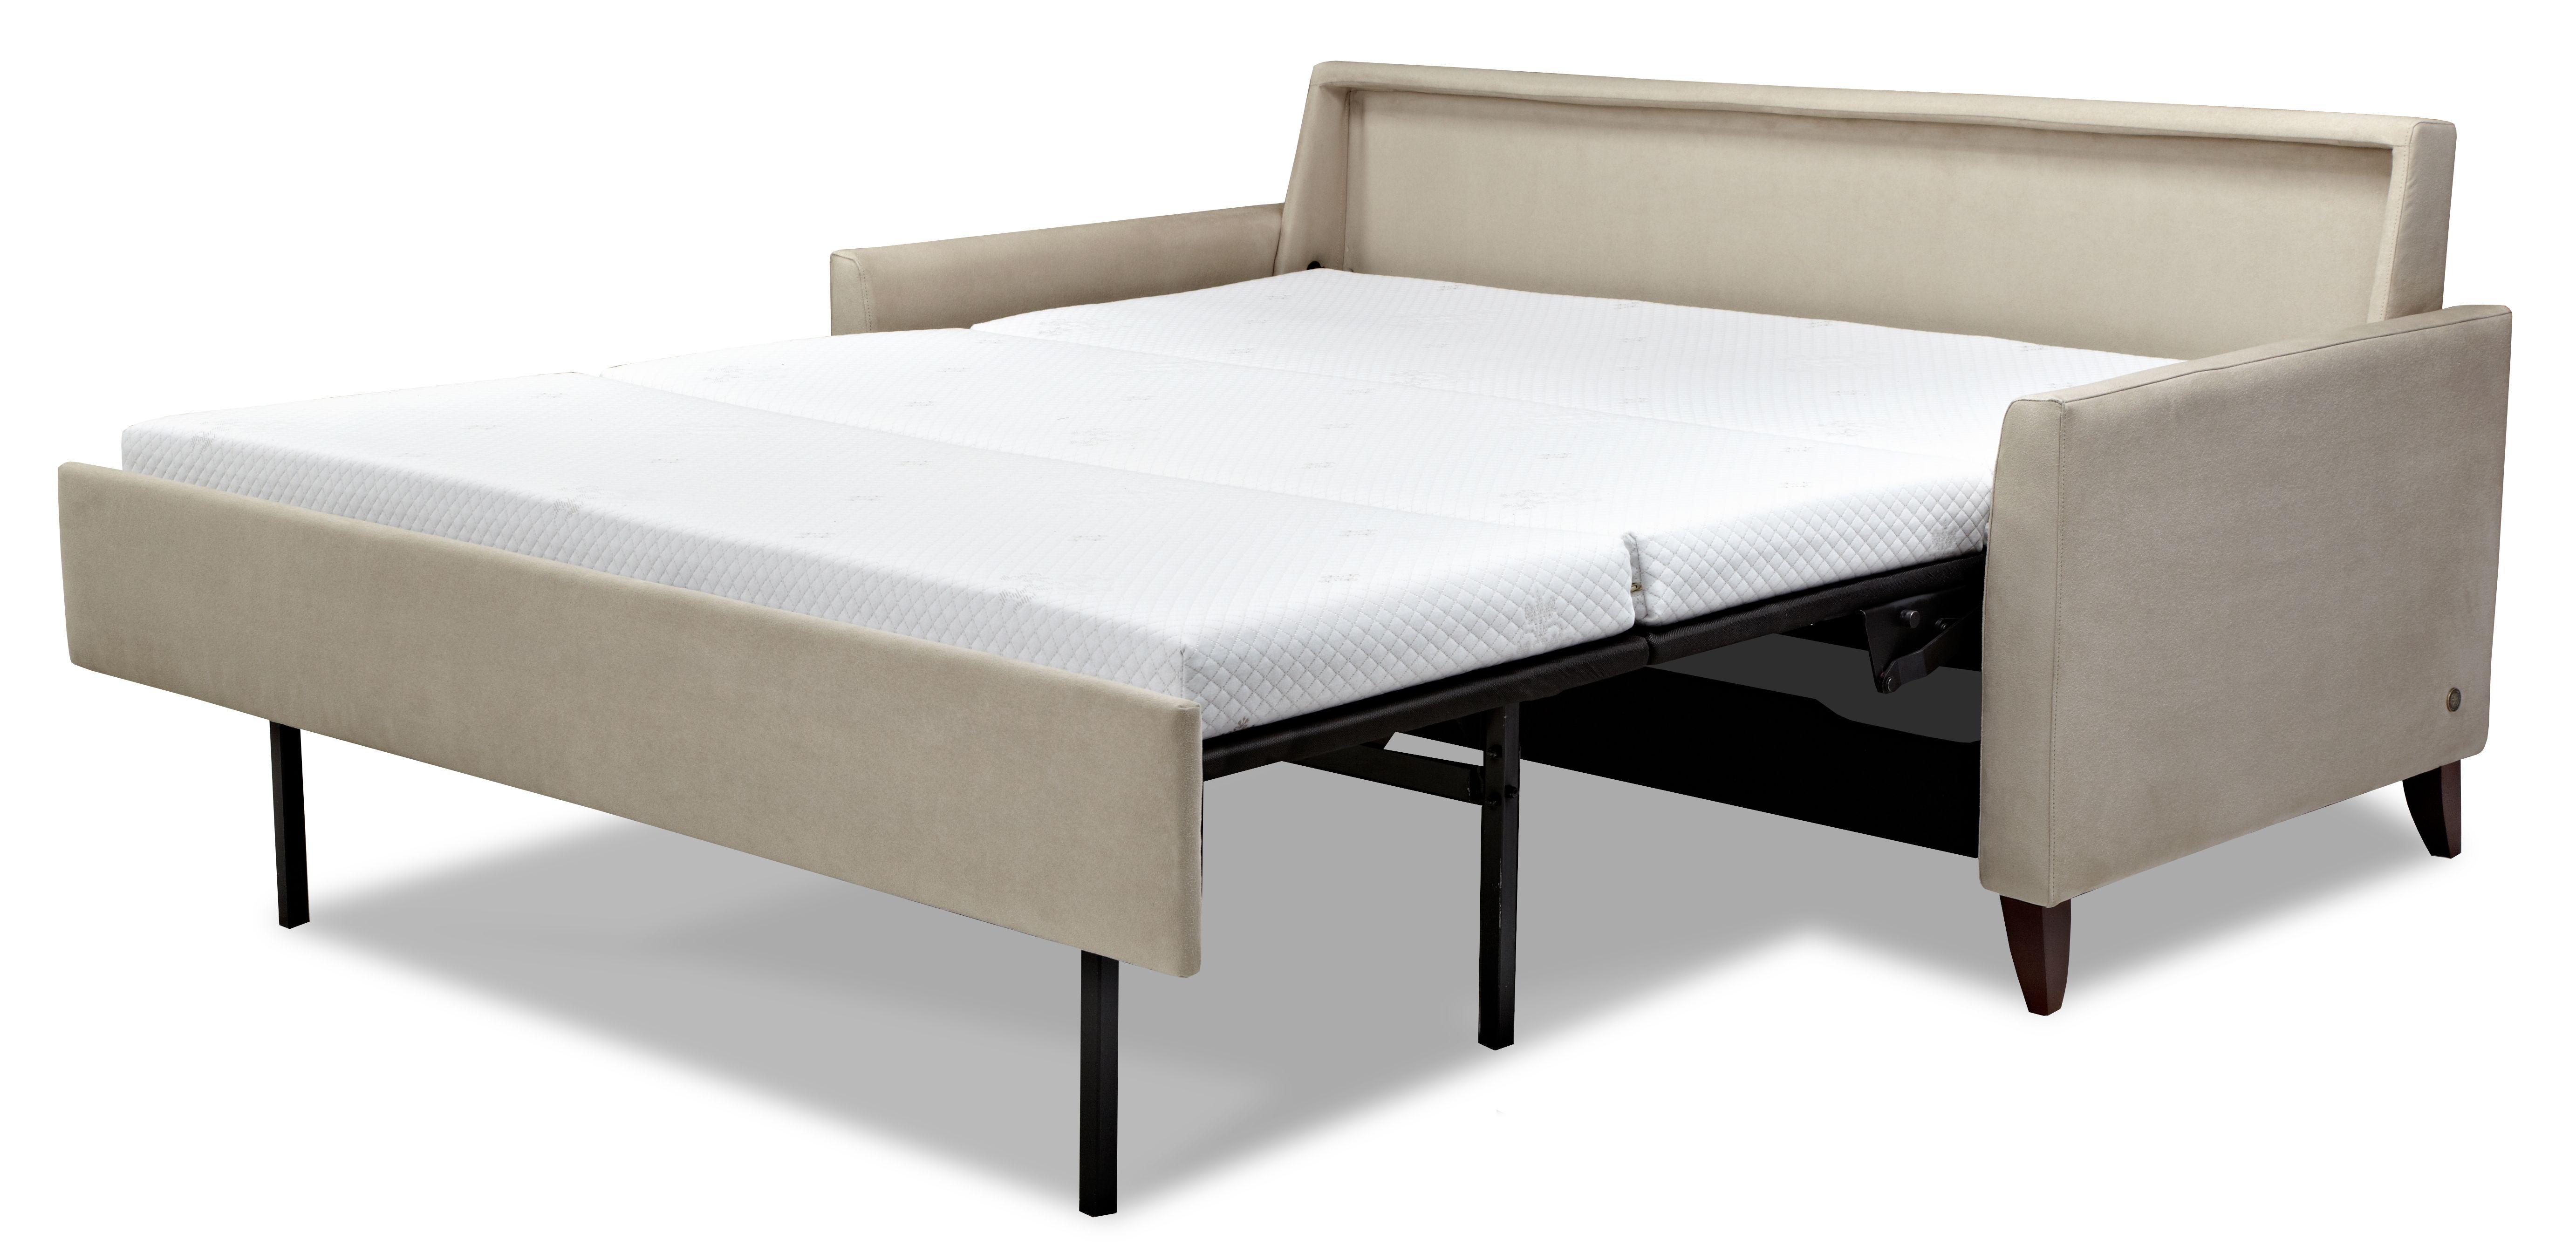 foam mattress sofa sleeper http tmidb com pinterest sofa